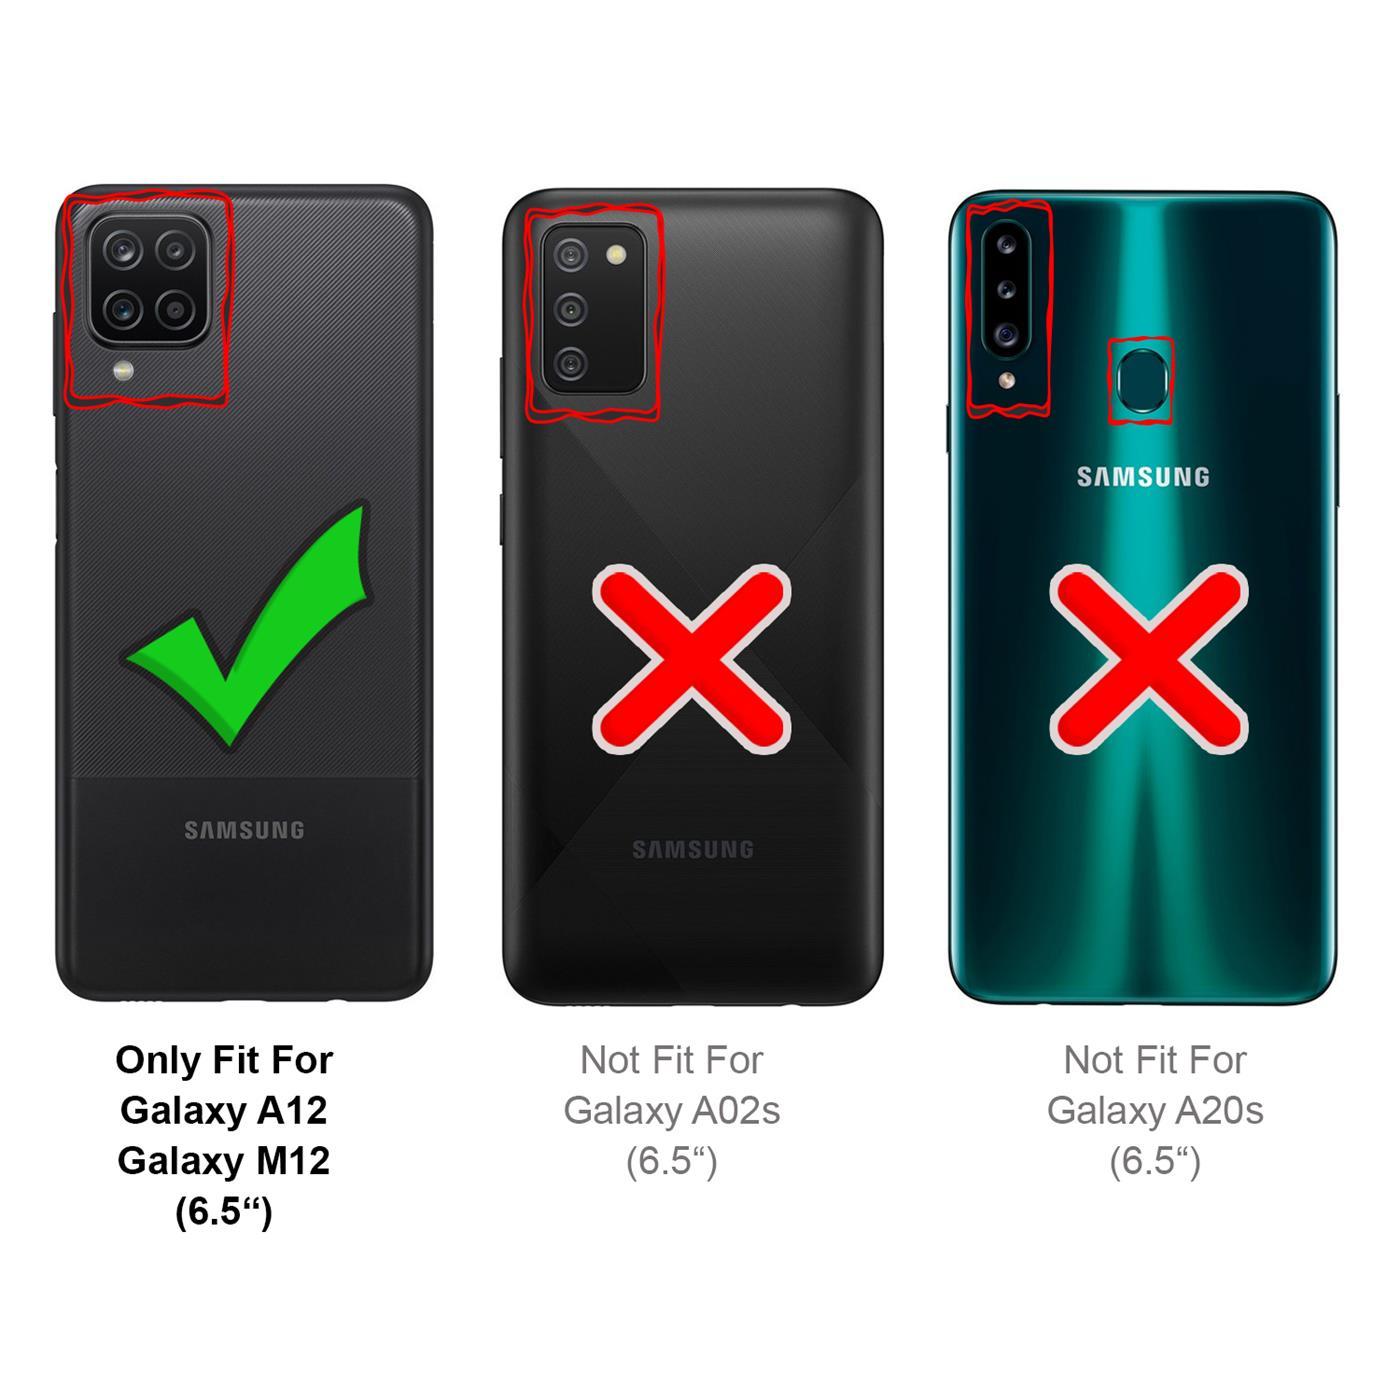 miniatura 16 - Funda de móvil para Samsung Galaxy a12 m12, funda protectora Book Funda protectora móvil cartera cover